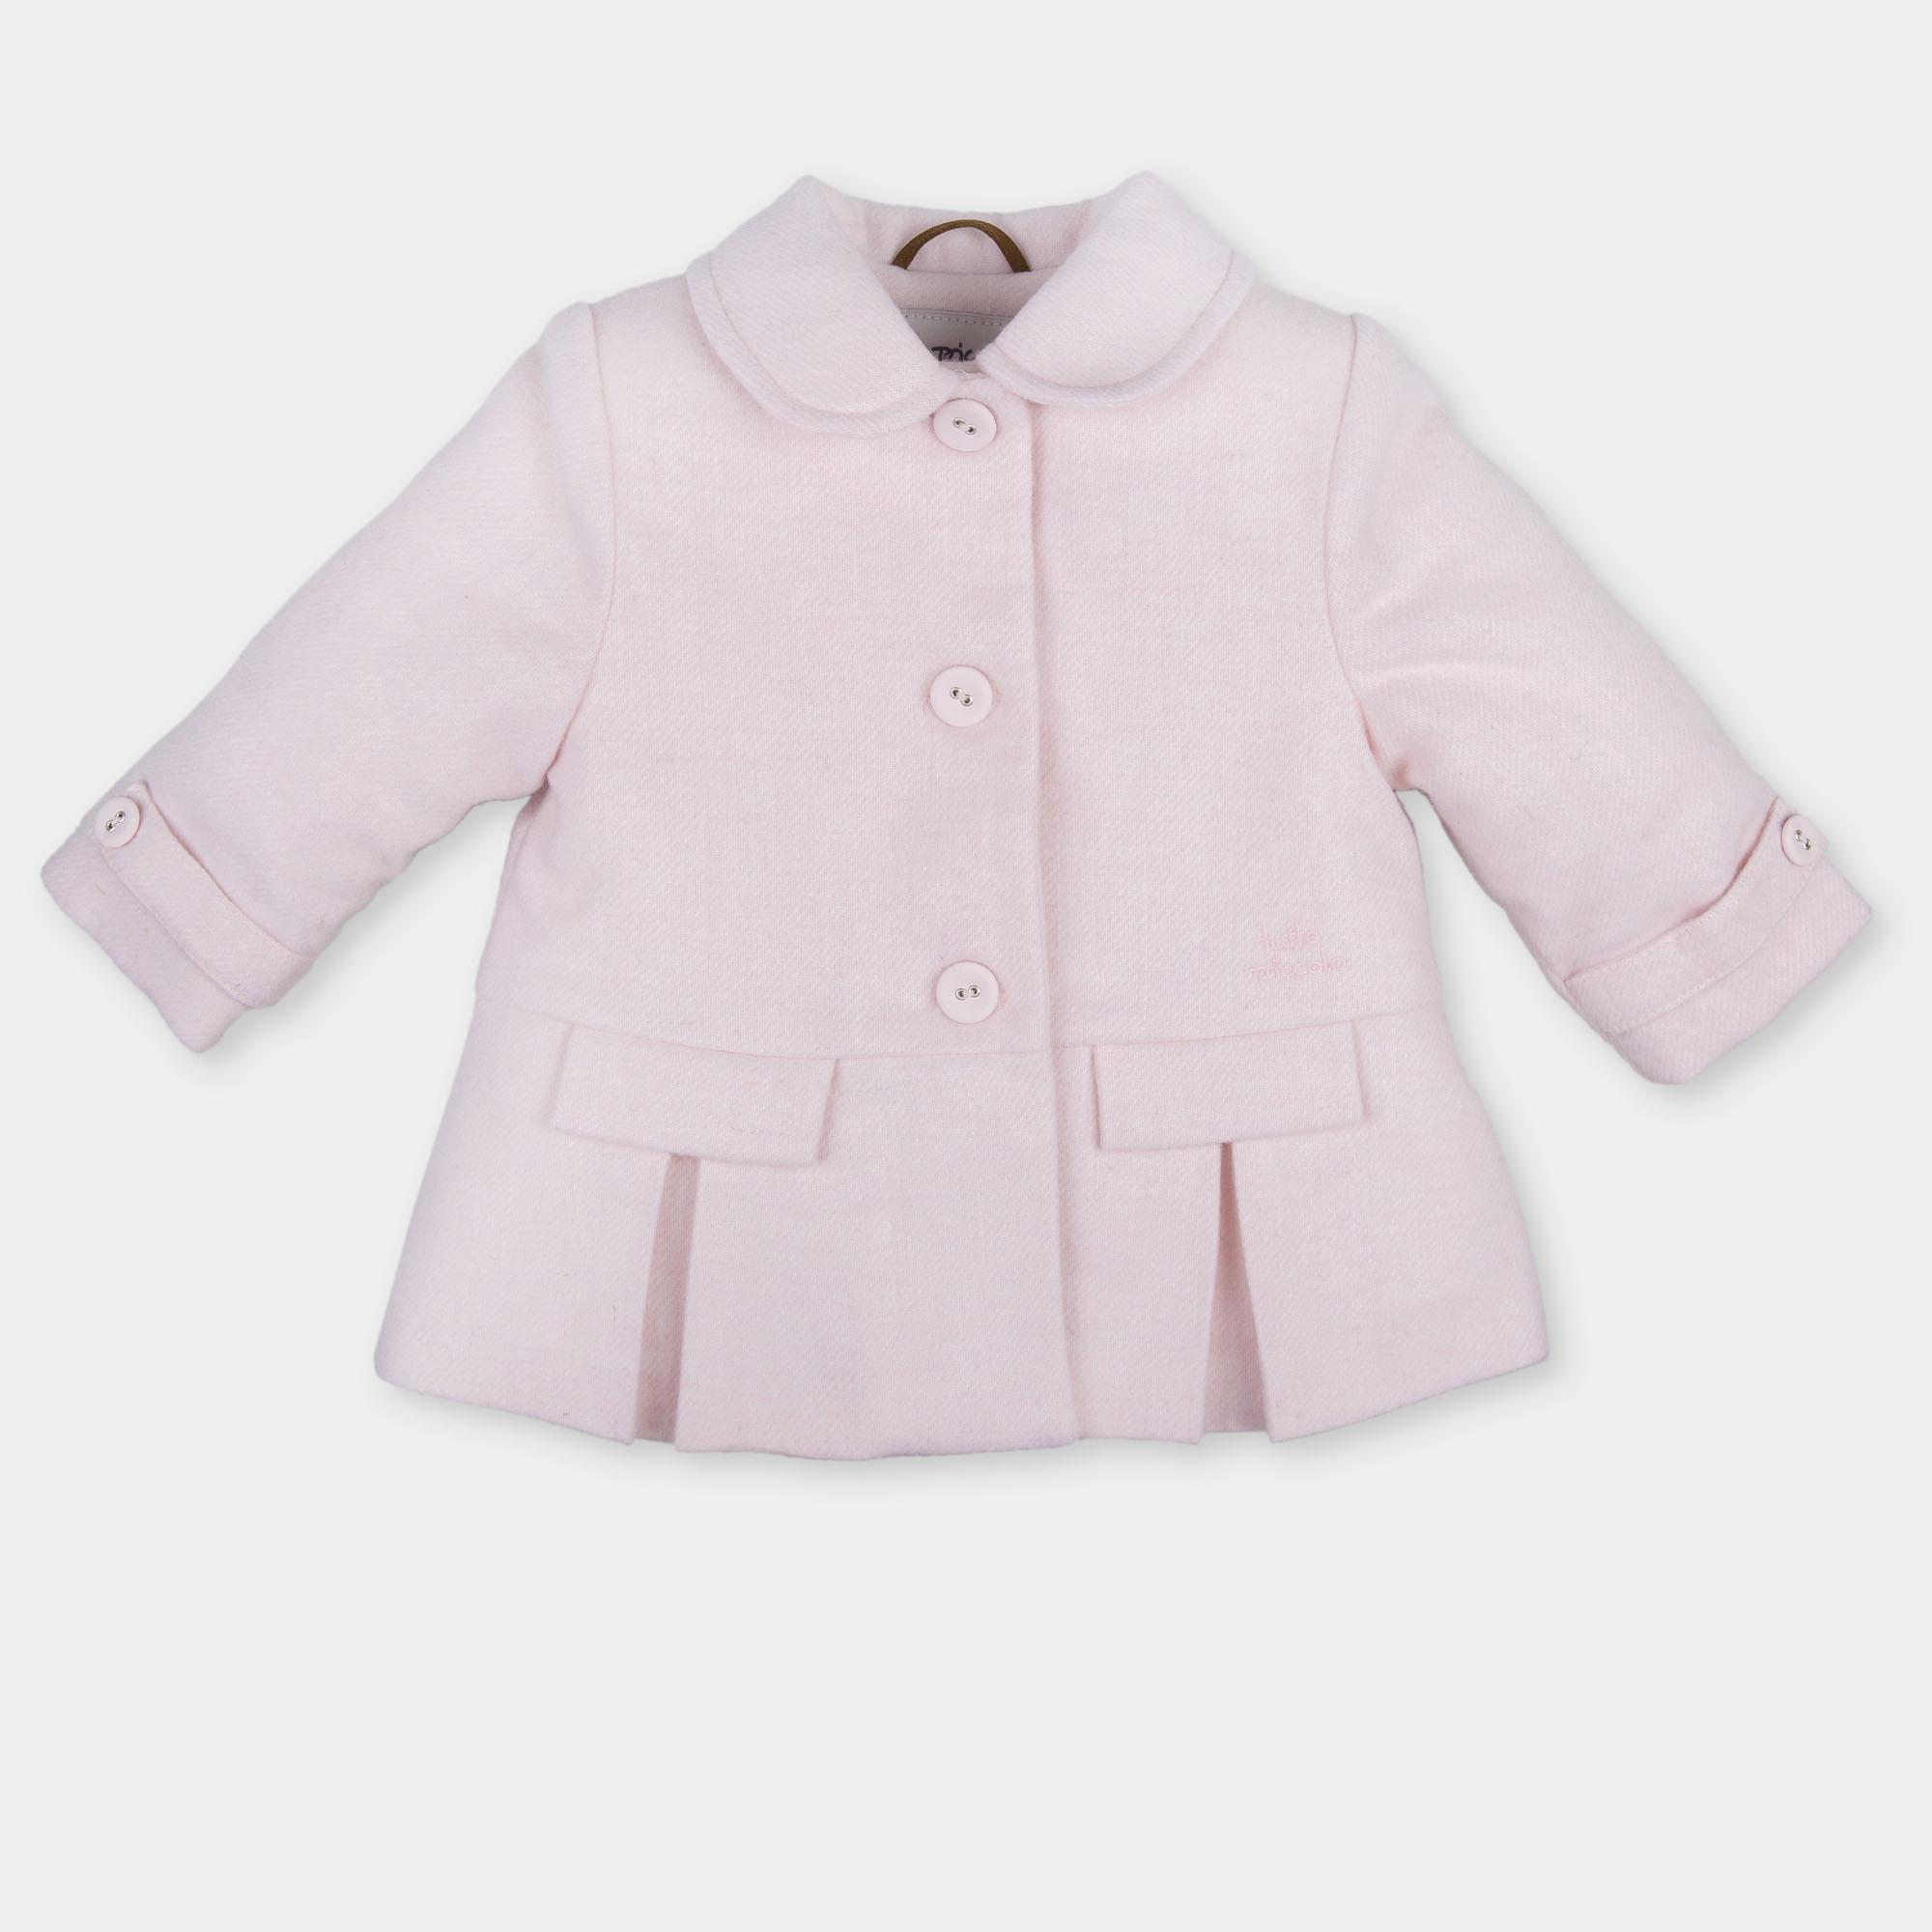 a74ecc01f TUTTO PICCOLO GIRLS PINK & WHITE COAT REF.: 3517 - masielbebe.co.uk